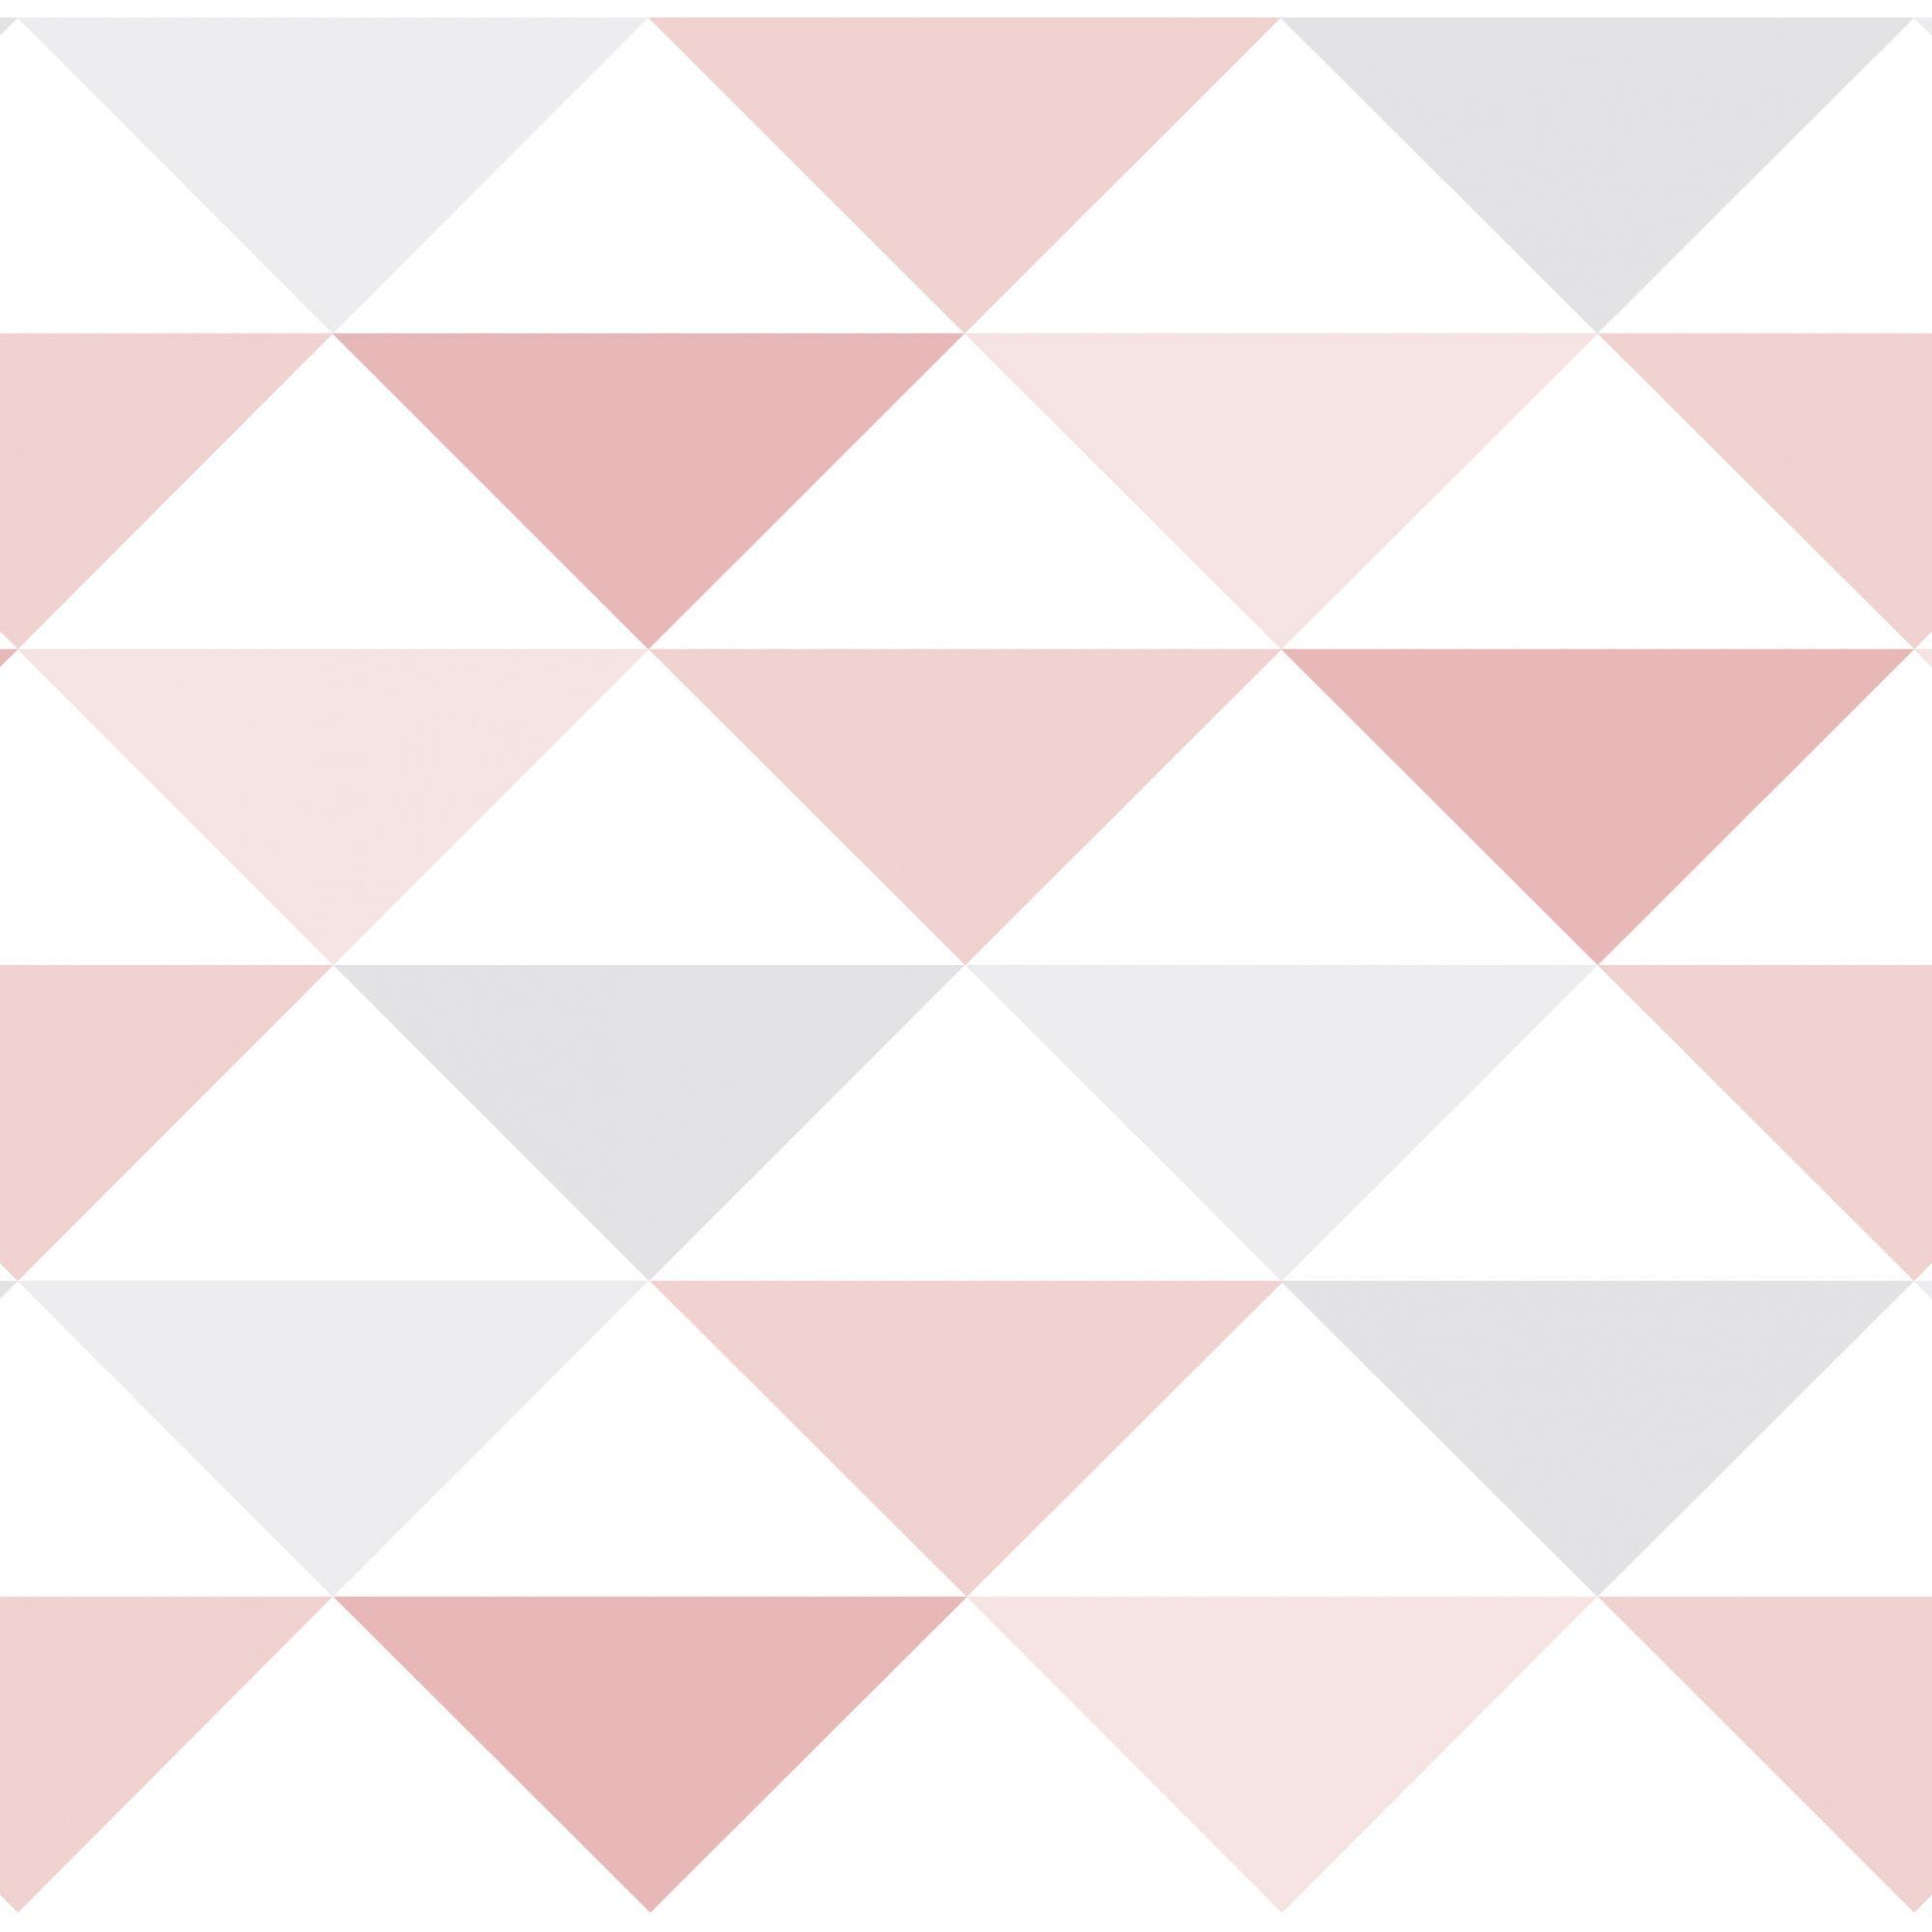 Papel de Parede Infantil Bobinex Coleção Brincar Geométrico Triângulo Rosa, Cinza, Branco